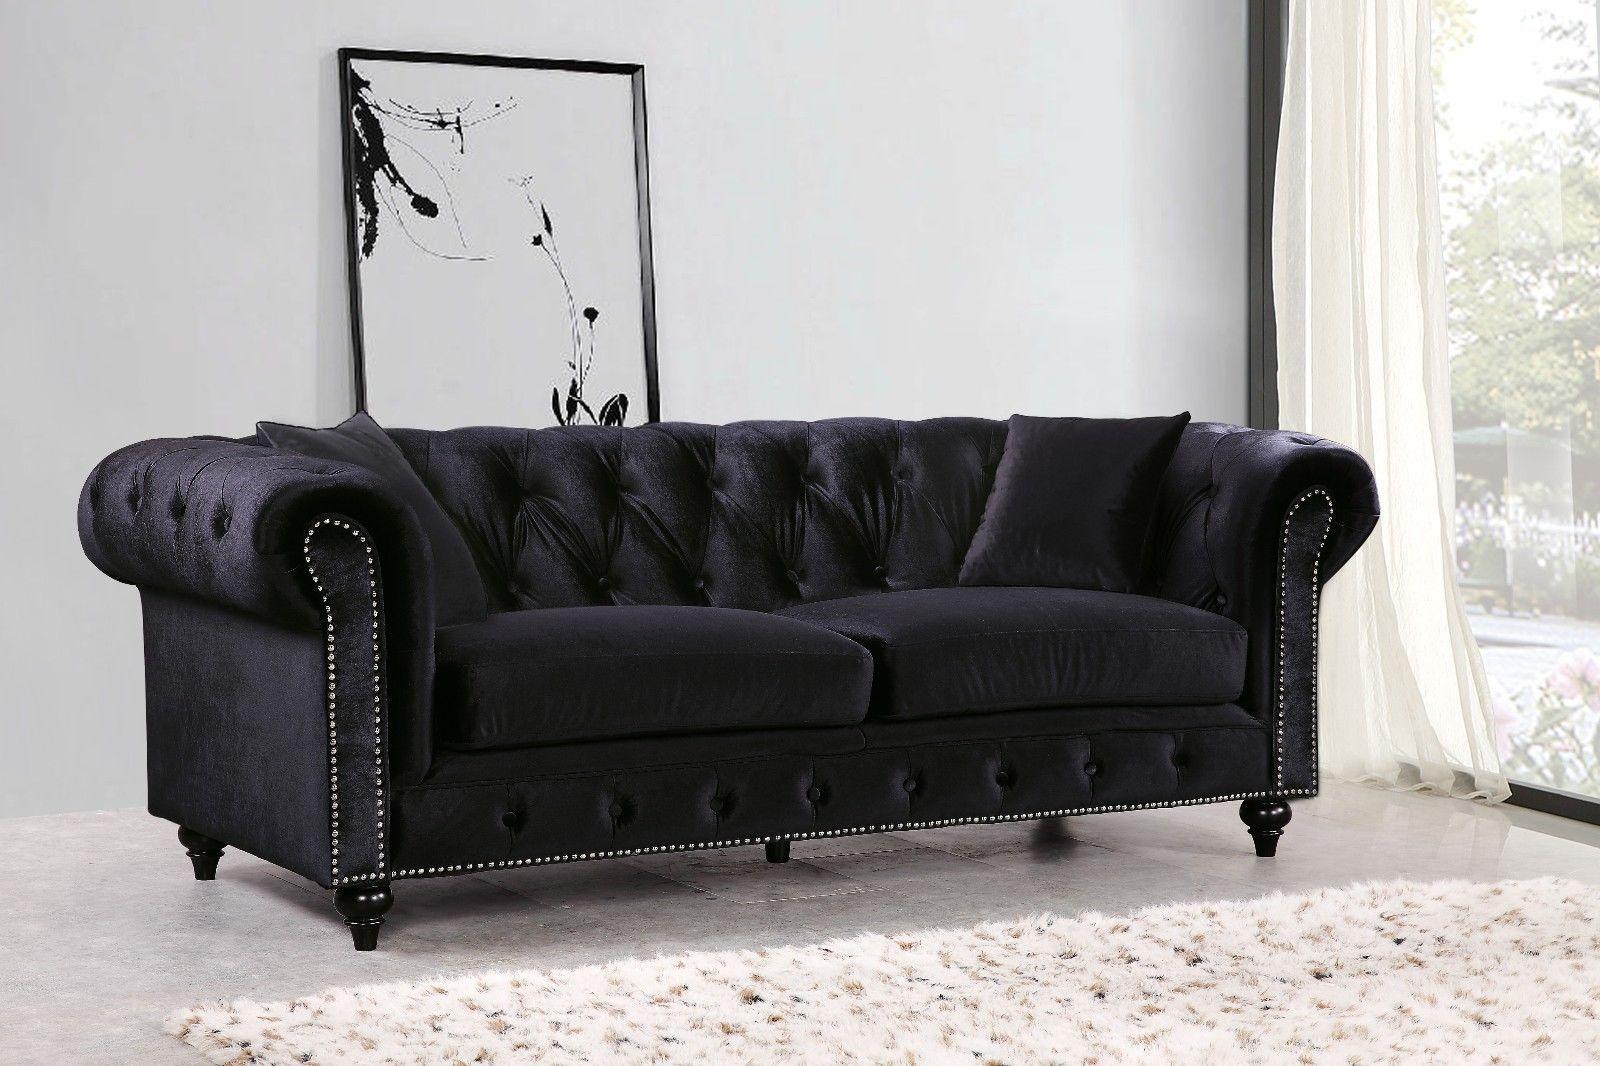 Meridian 662 Velvet Living Room Sofa Set 3pc. Tufted Black Traditional Style